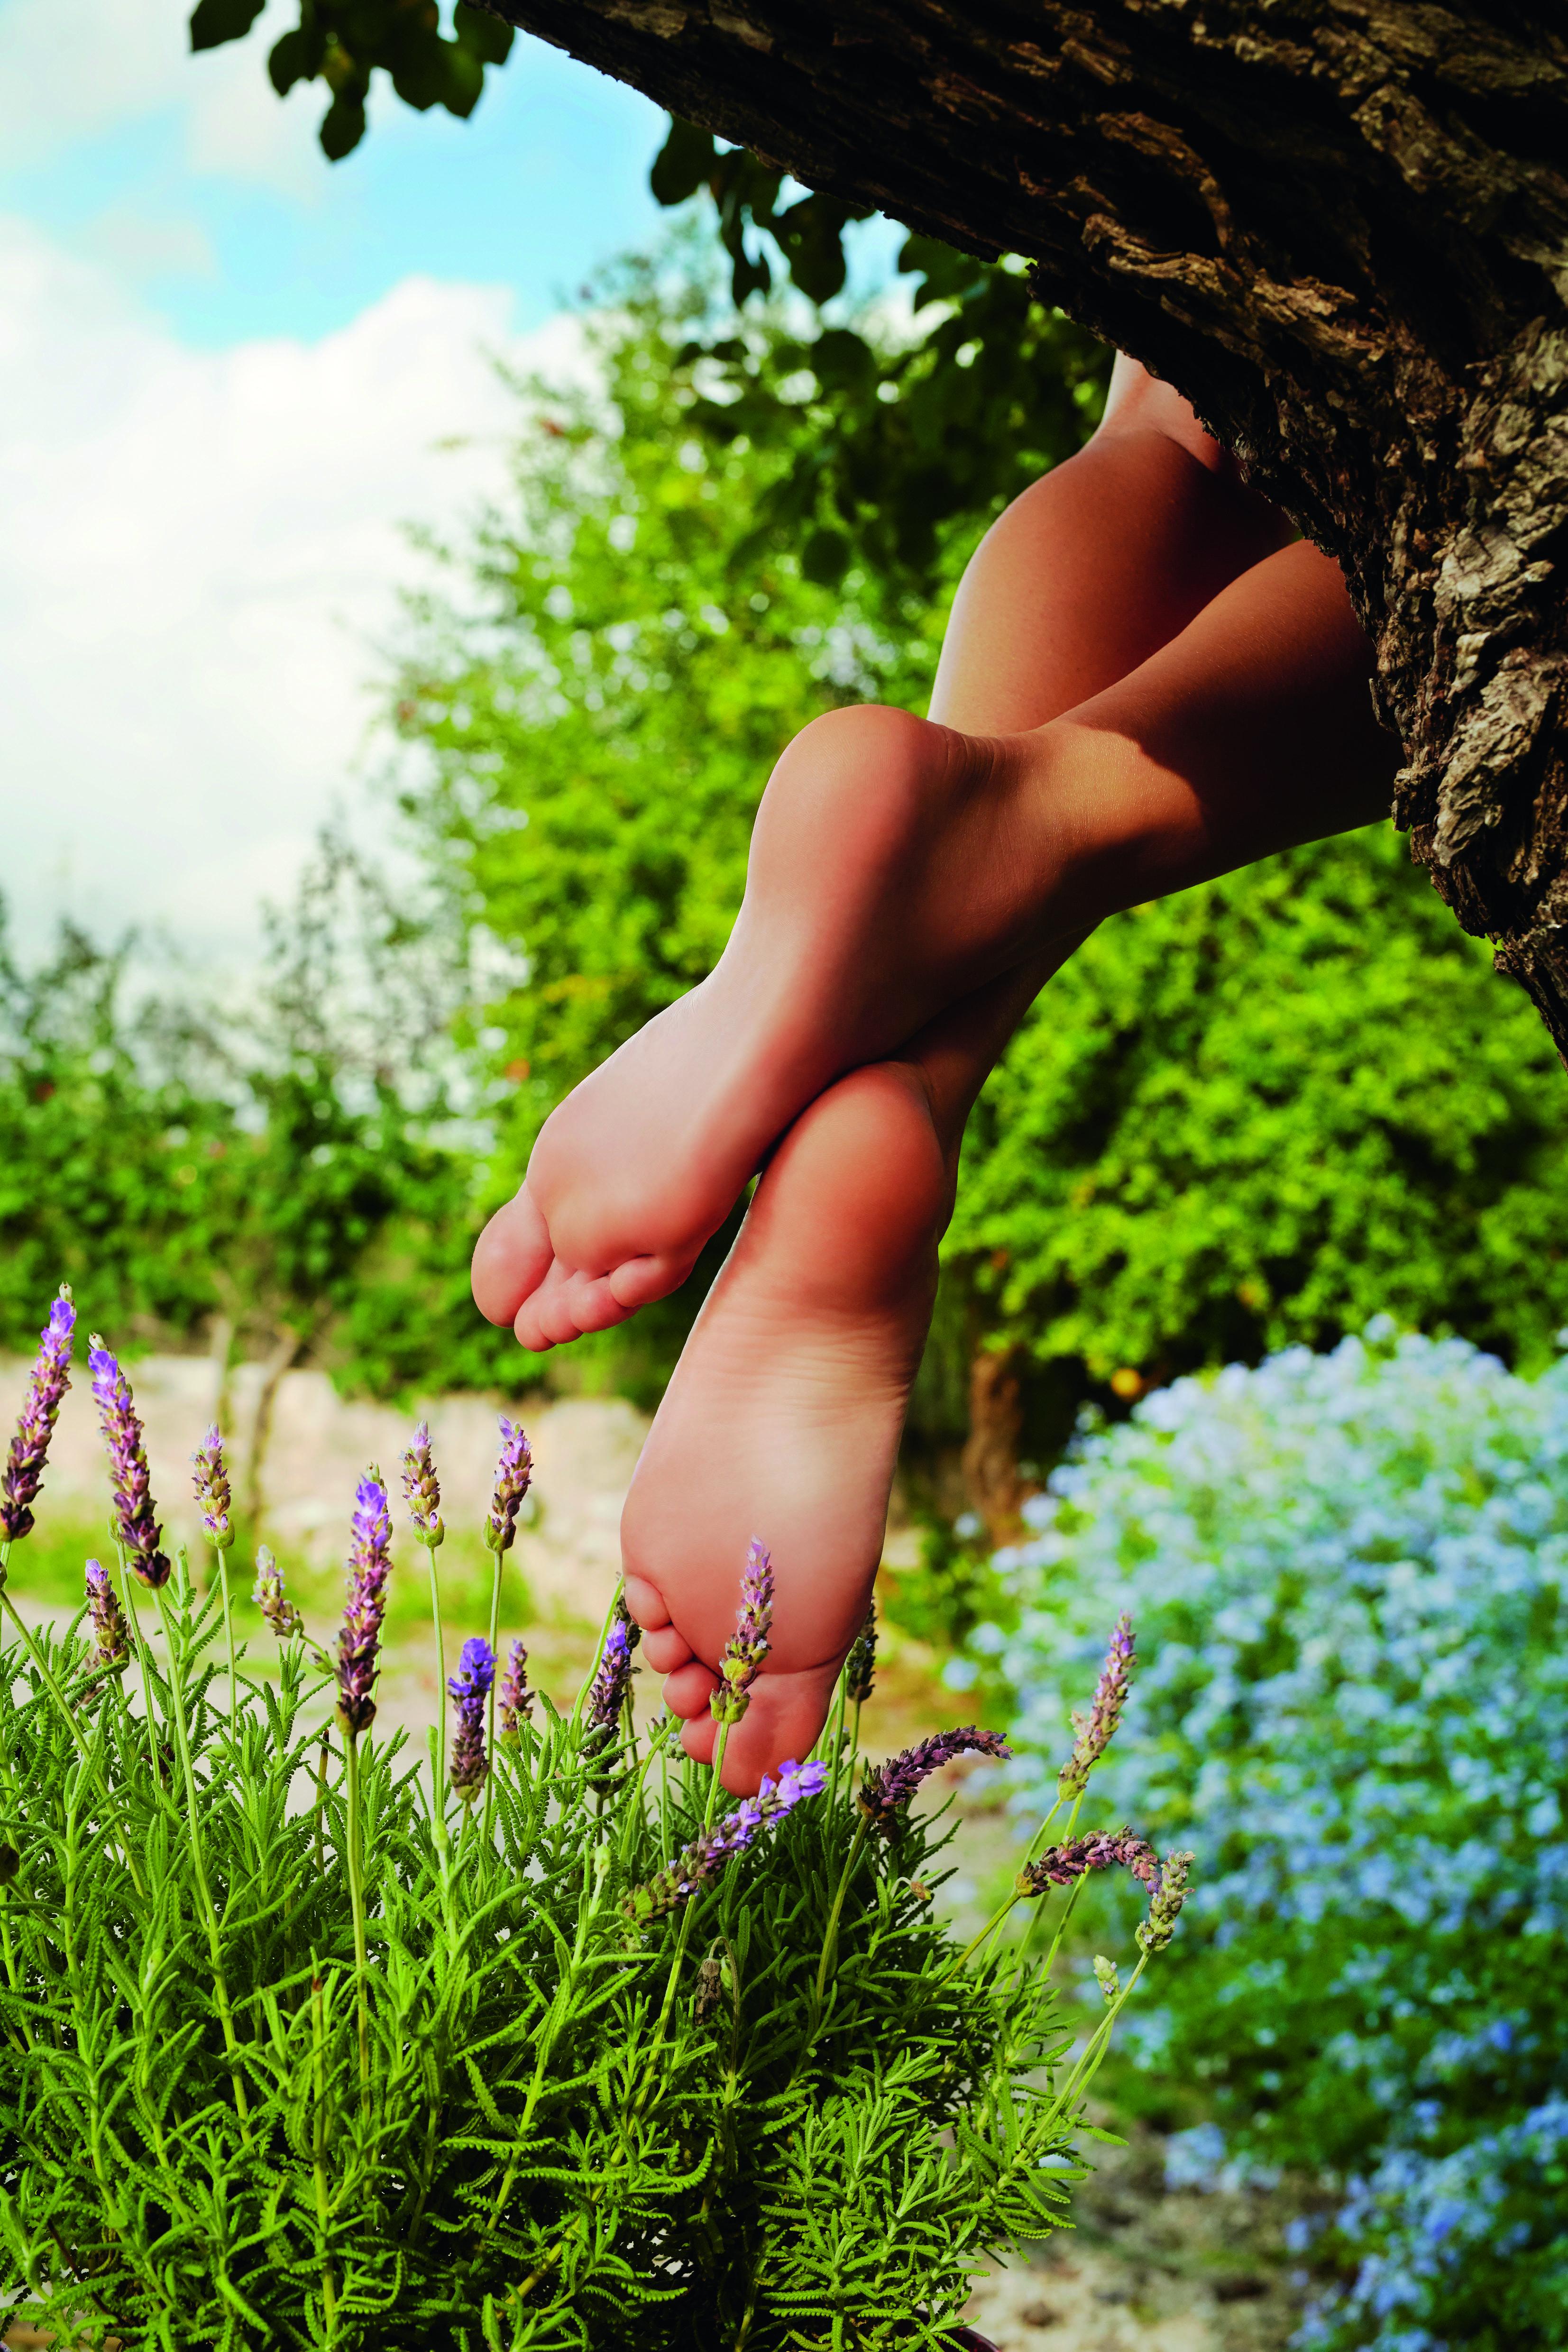 Barfuß laufen kräftigt den Fuß und sorgt für gesunde, schöne Füße. Das Laufen auf unterschiedlichen Untergründen, wie Wald- oder Wiesenboden fördert außerdem die Achtsamkeit.